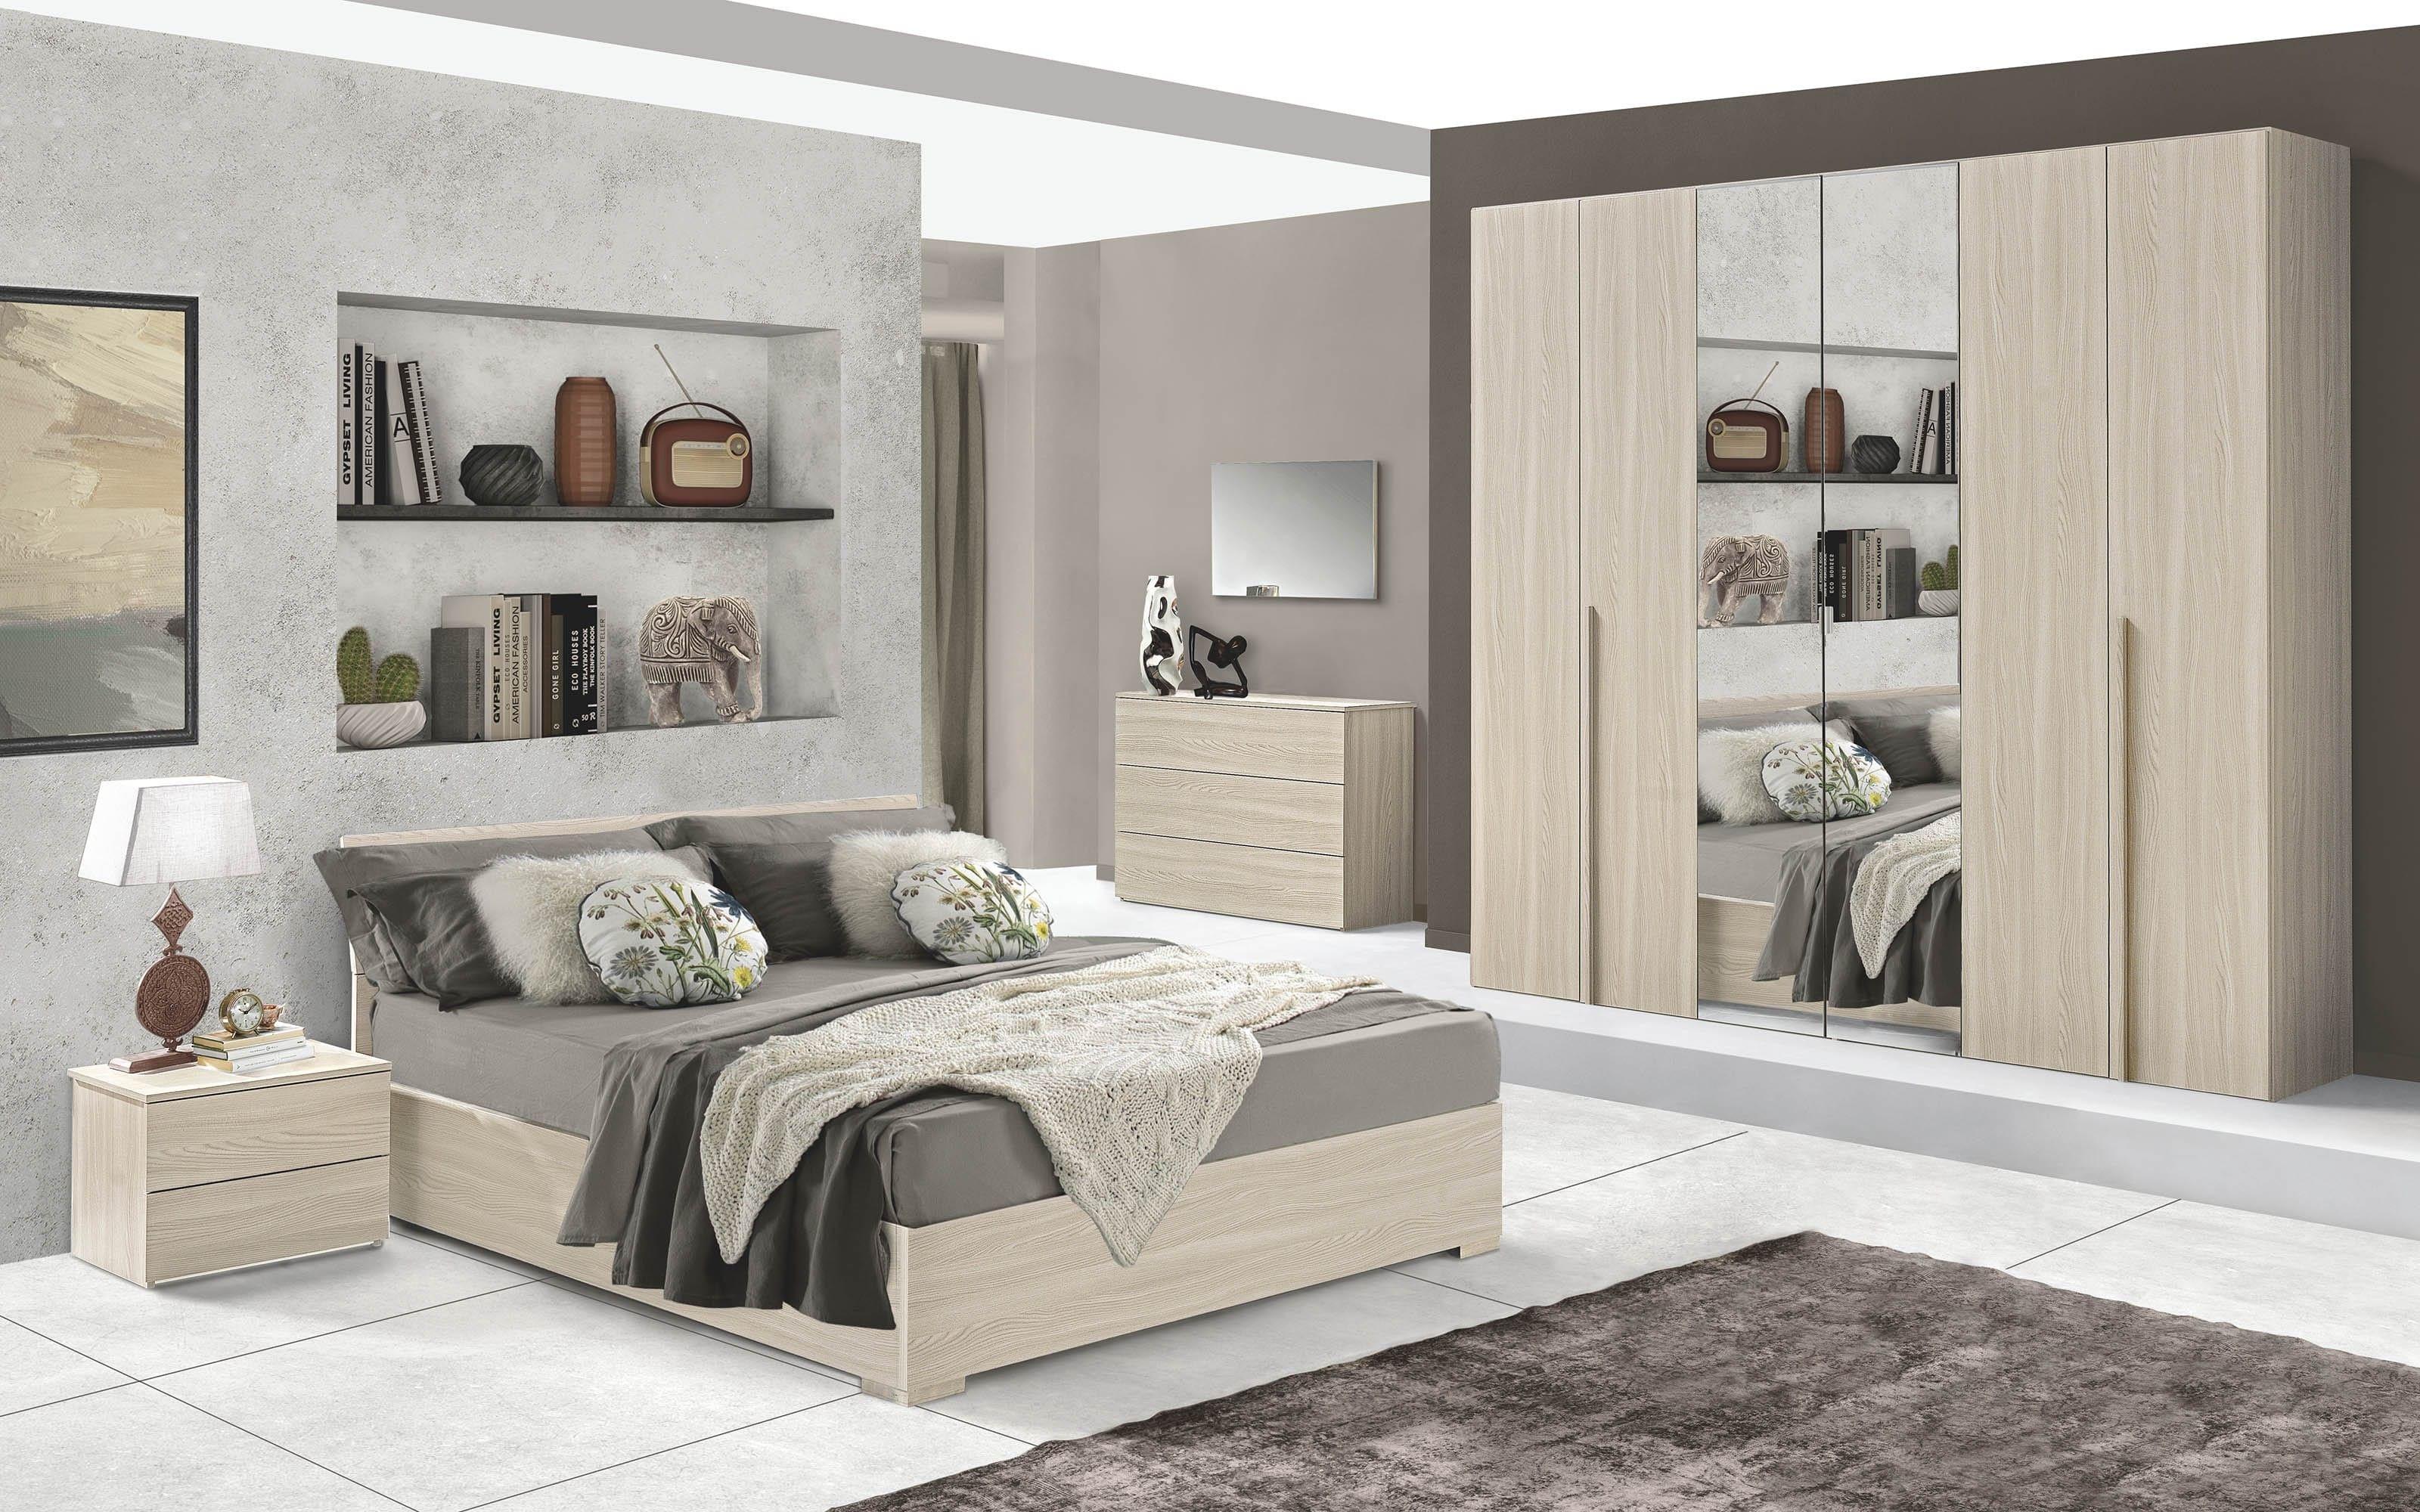 Dormitorio con muebles Donatella